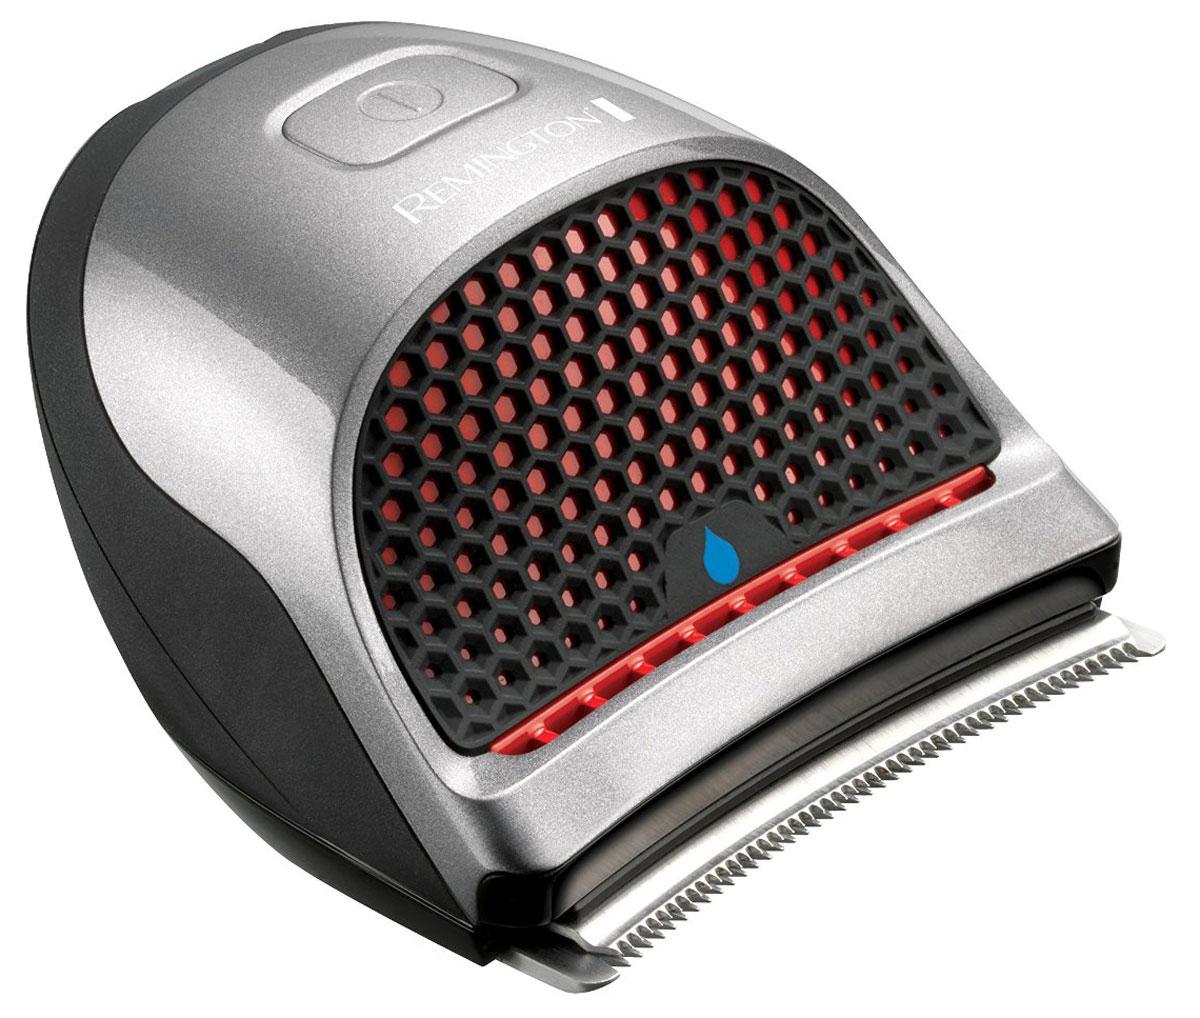 Remington HC4250 машинка для стрижкиHC4250Remington HC4250 - машинка для самой быстрой самостоятельной стрижки. Великолепный результат за короткое время достигается за счет применения технологии изогнутого лезвия CurveCut (ширина лезвия на 57% больше), а также за счет гладкого, компактного и эргономичного дизайна самого прибора.Ваш обязательный прибор для создания салонной стрижки! Remington HC4250 включает 9 насадок-гребней от 1.5 до 15 мм. Идеально подойдет для всех типов стрижки, включая детальную и поможет создать желаемый образ за считанные минуты.Вы торопитесь и вам необходима быстрая стрижка? Функция быстрой зарядки за 10 минут обеспечит достаточно времени для полноценной стрижки. Беспроводная, с удобным чехлом для хранения и транспортировки, QuickCut станет вашим незаменимым спутником в путешествиях; идеальная стрижка, где бы вы не находились.Инновационная технология изогнутого лезвия CurveCut от Remington обеспечивает чистую и более равномерную стрижку за меньшее время, даже для детальной стрижки затылочной и височной областей головы. С шириной лезвия на 57% вы можете достигать необходимых результатов стрижки в два раза быстрее.